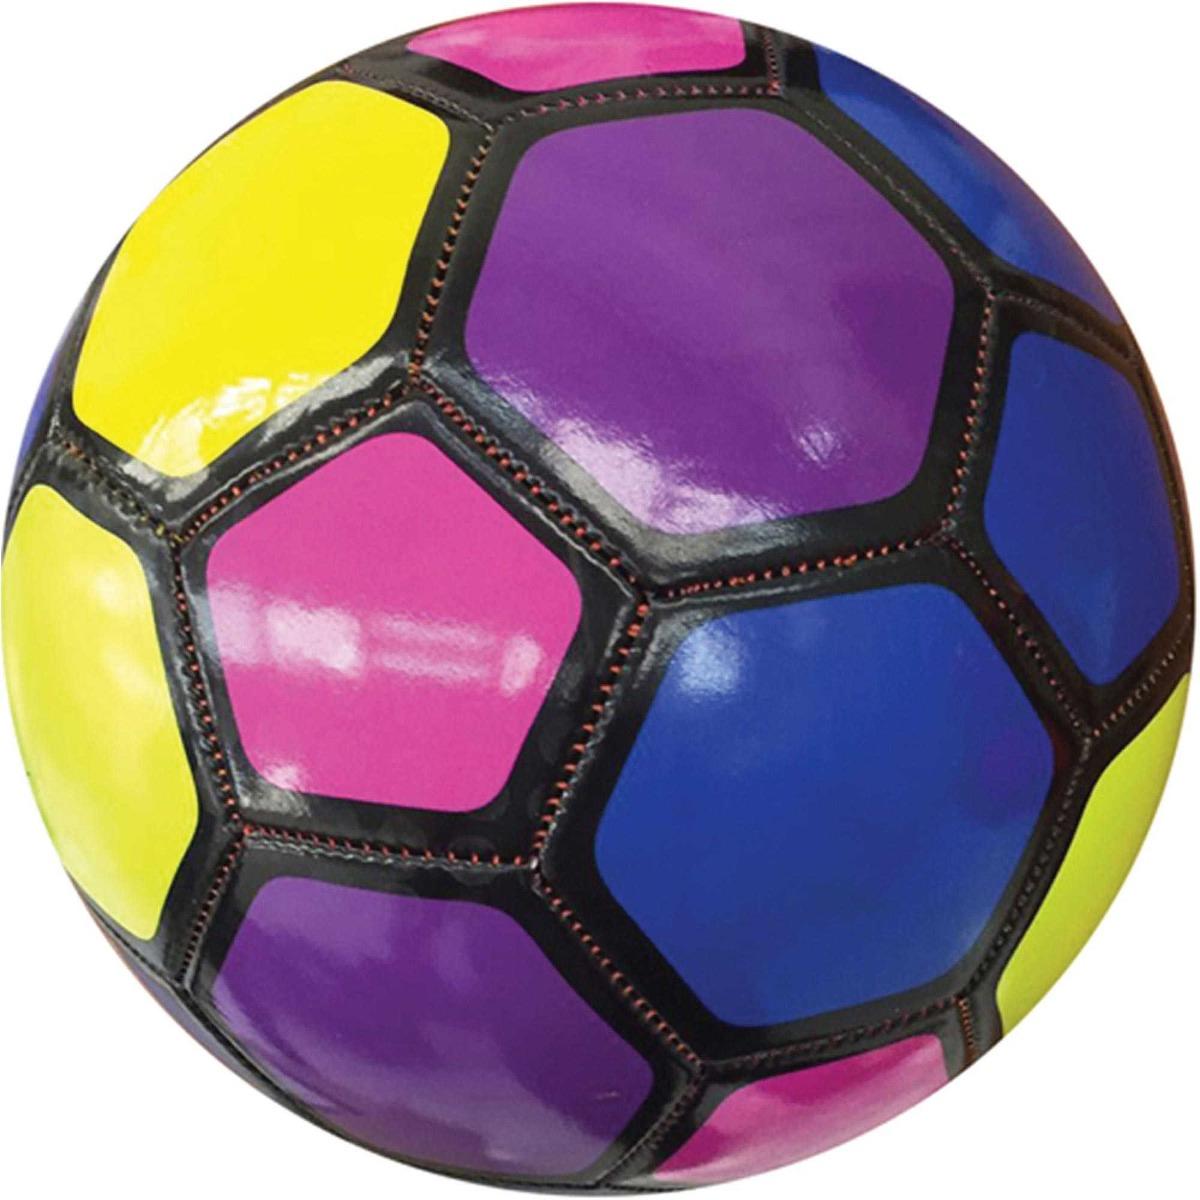 03870e56d3 bola futebol campo colorida n 5 diametro 22cm art brink. Carregando zoom.